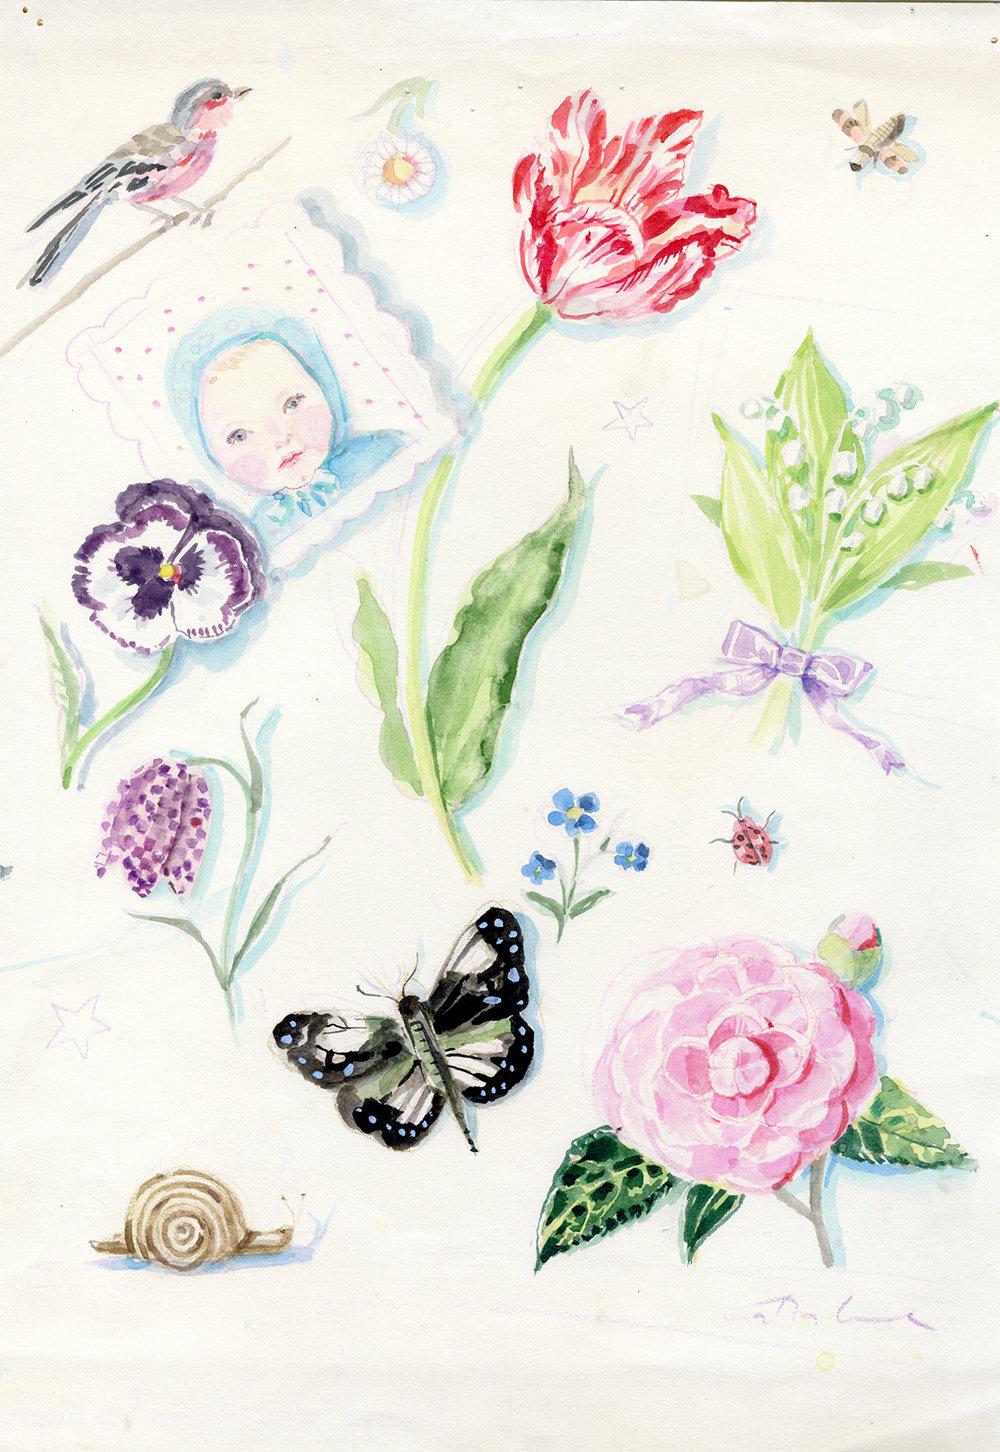 baby_tulip_camellia_pansy copy copy.jpg